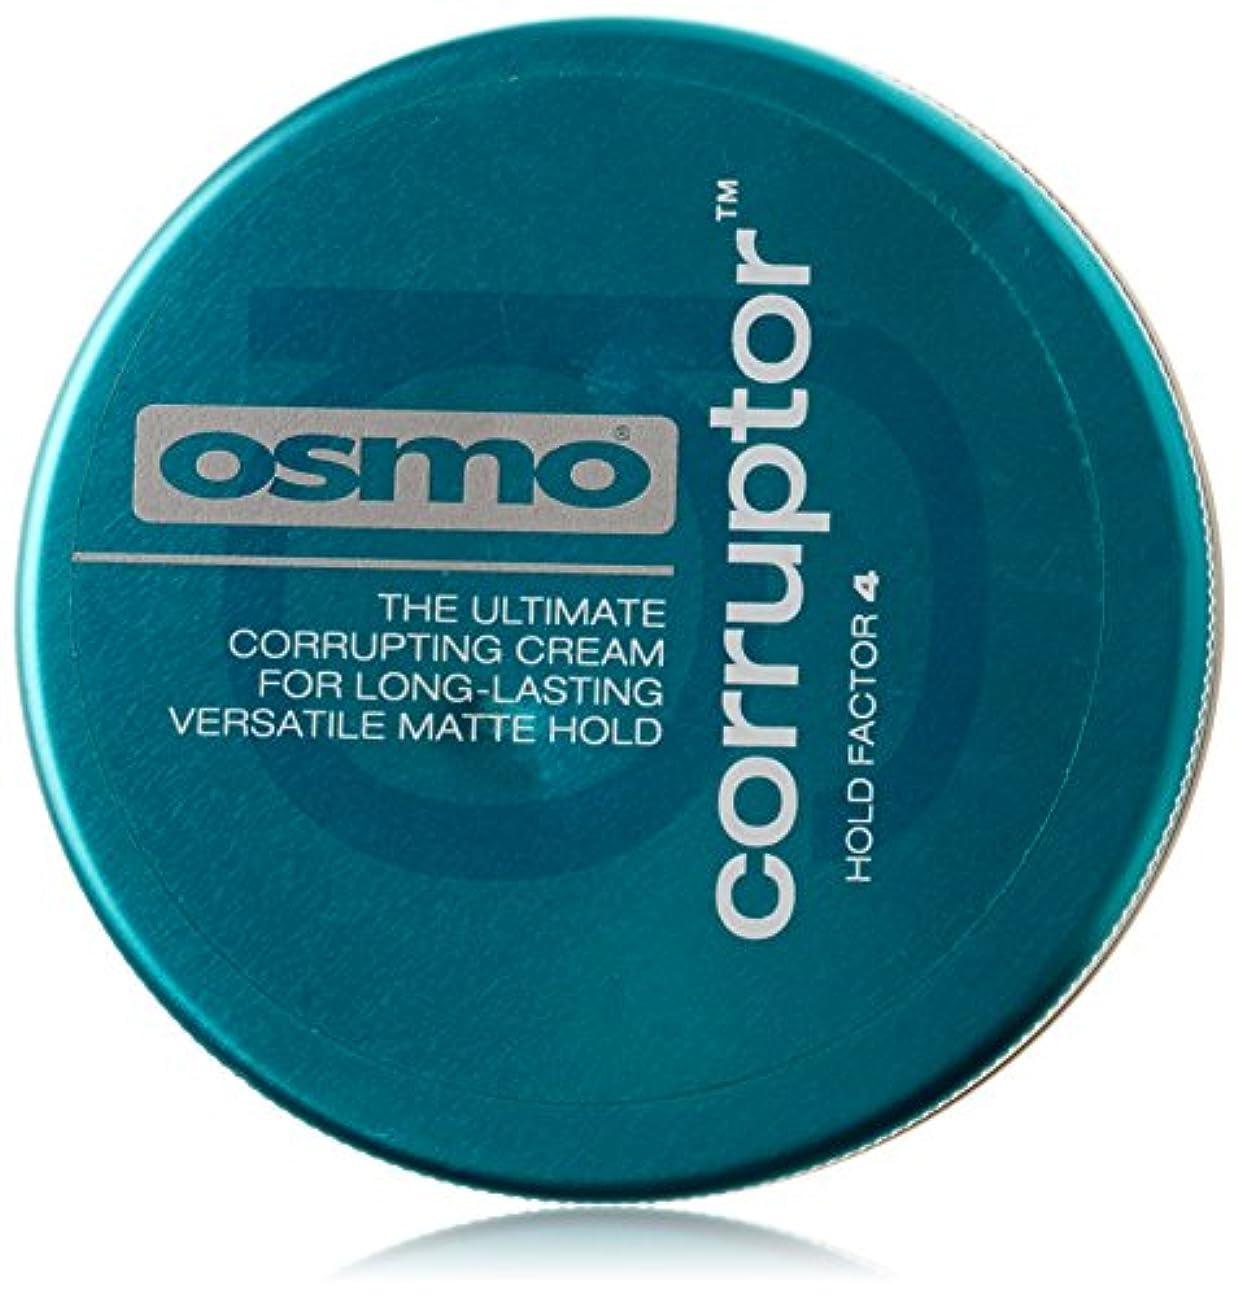 蛾したがってきょうだいアレス OSMO ヘアワックス コラプター 100g